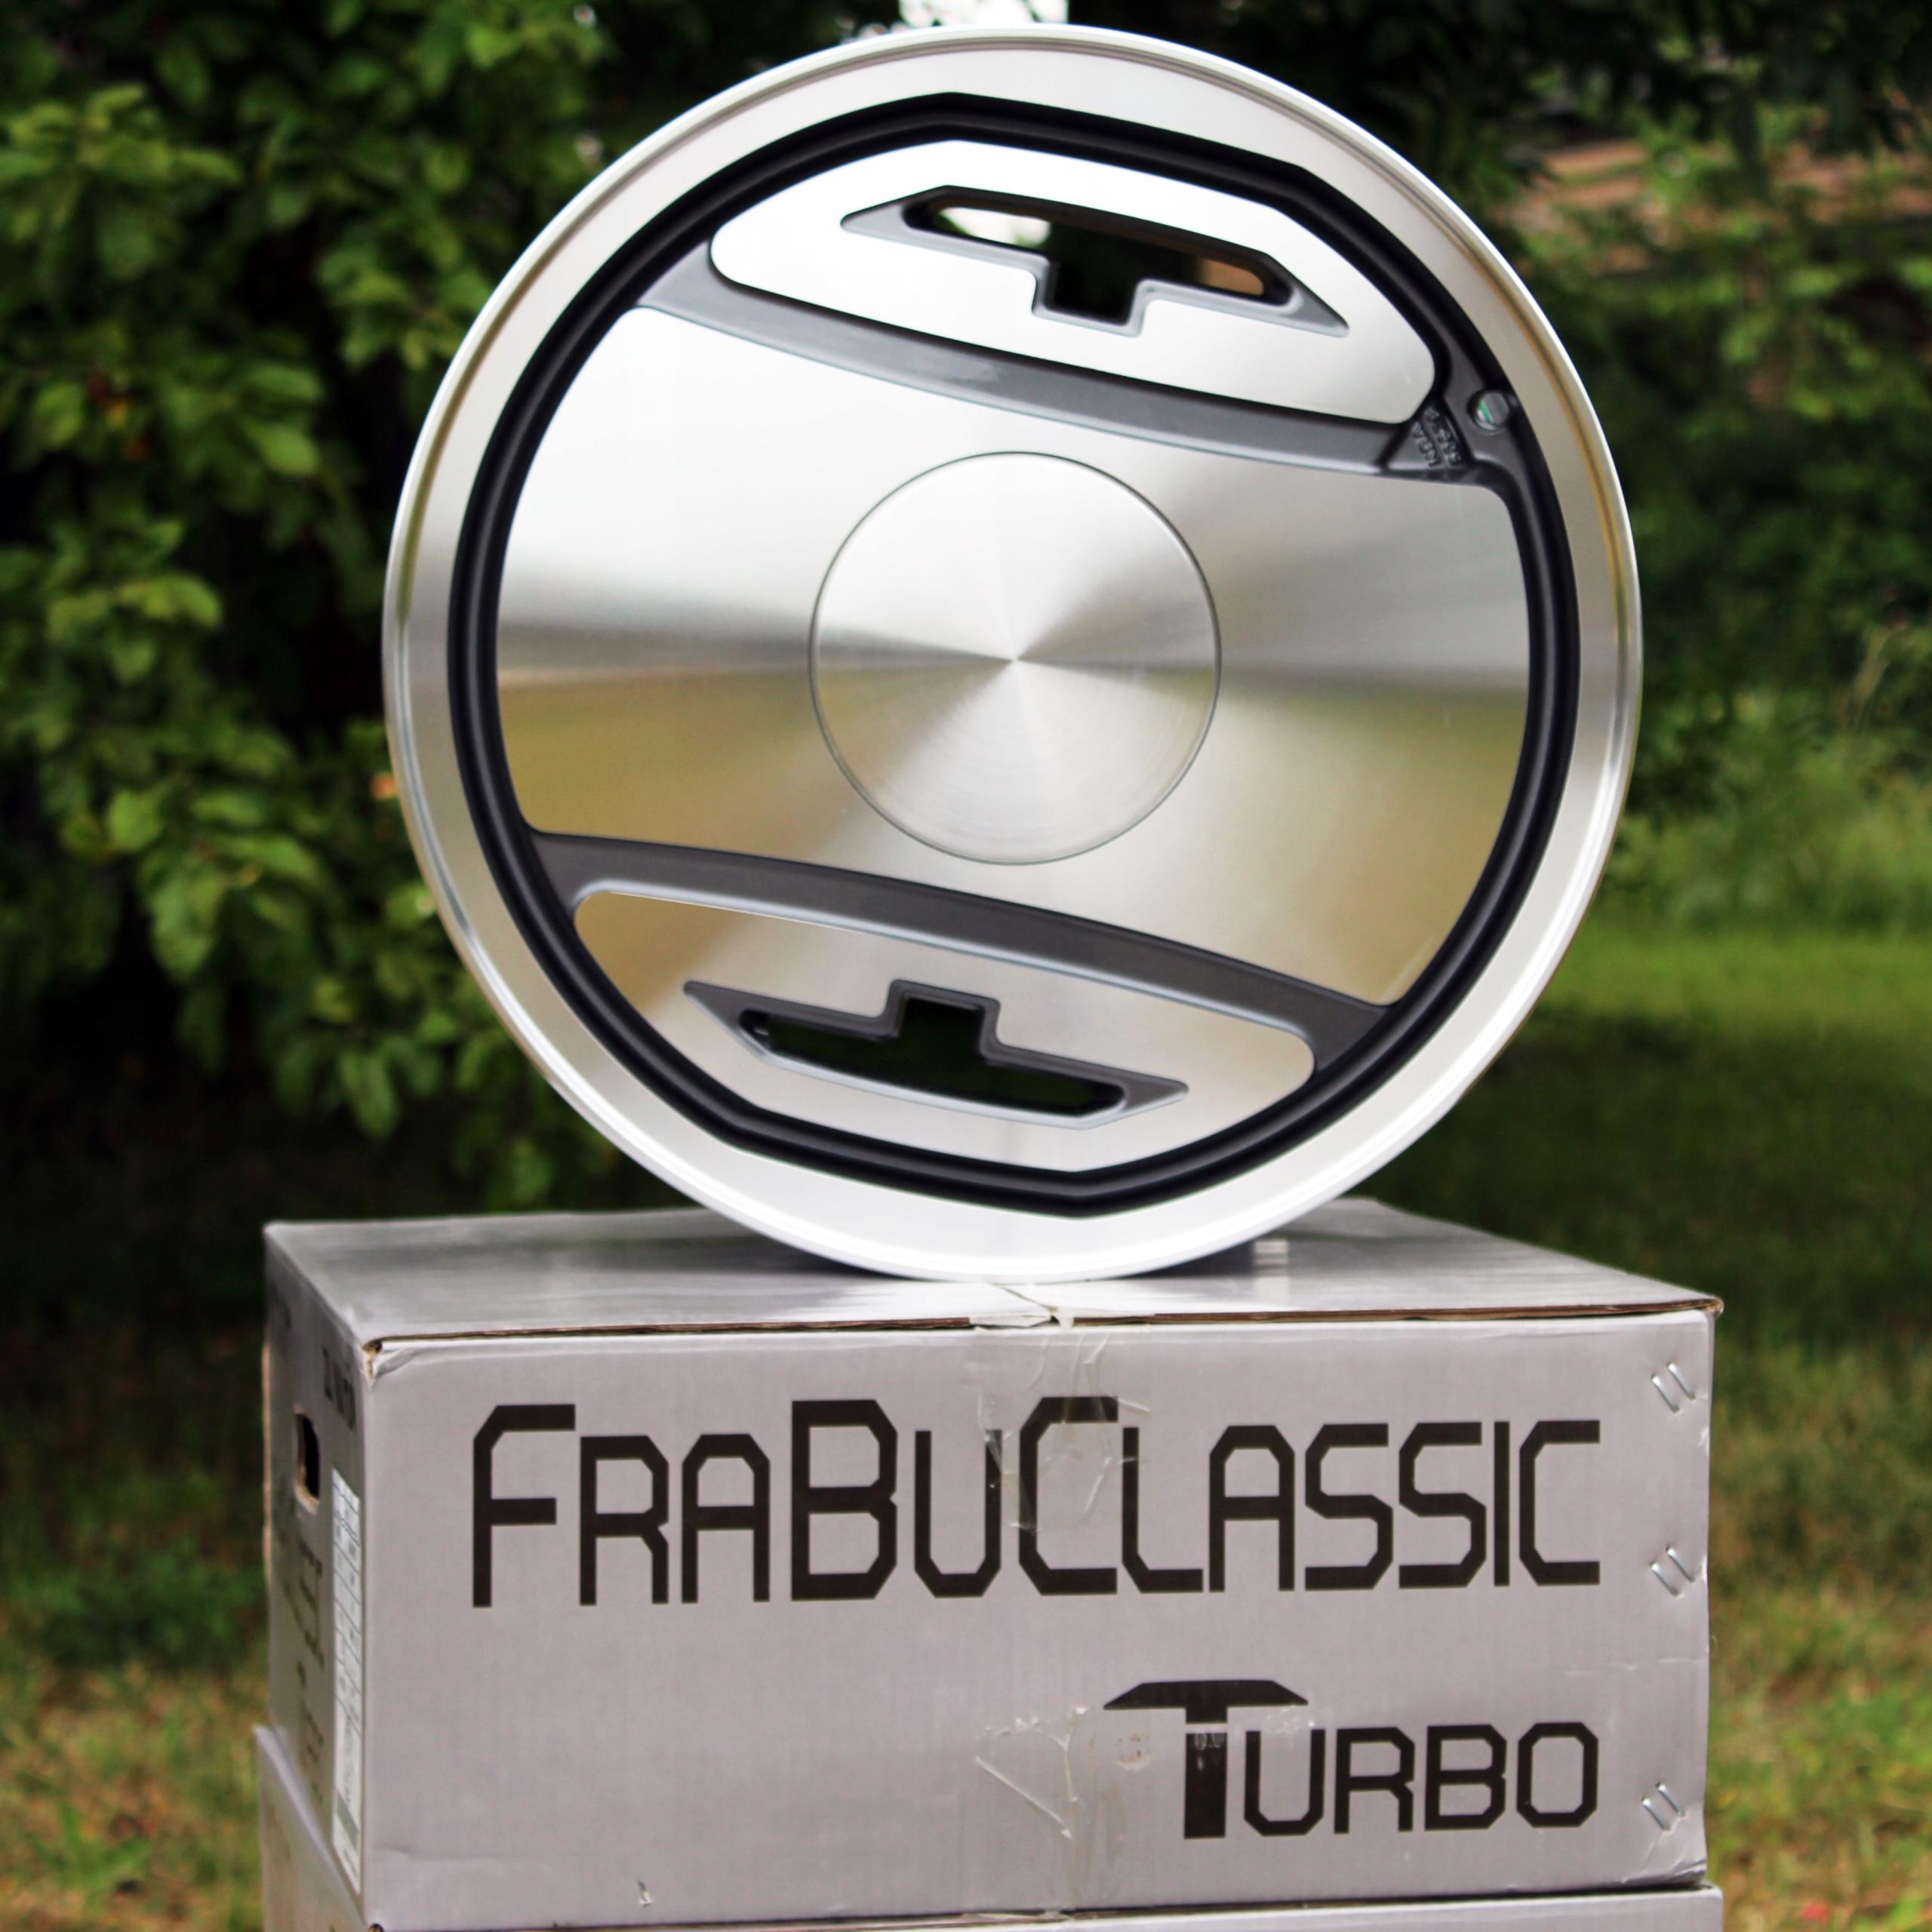 RÁFKY 16 5x98 Citroen CX Turbo Frabuclassic